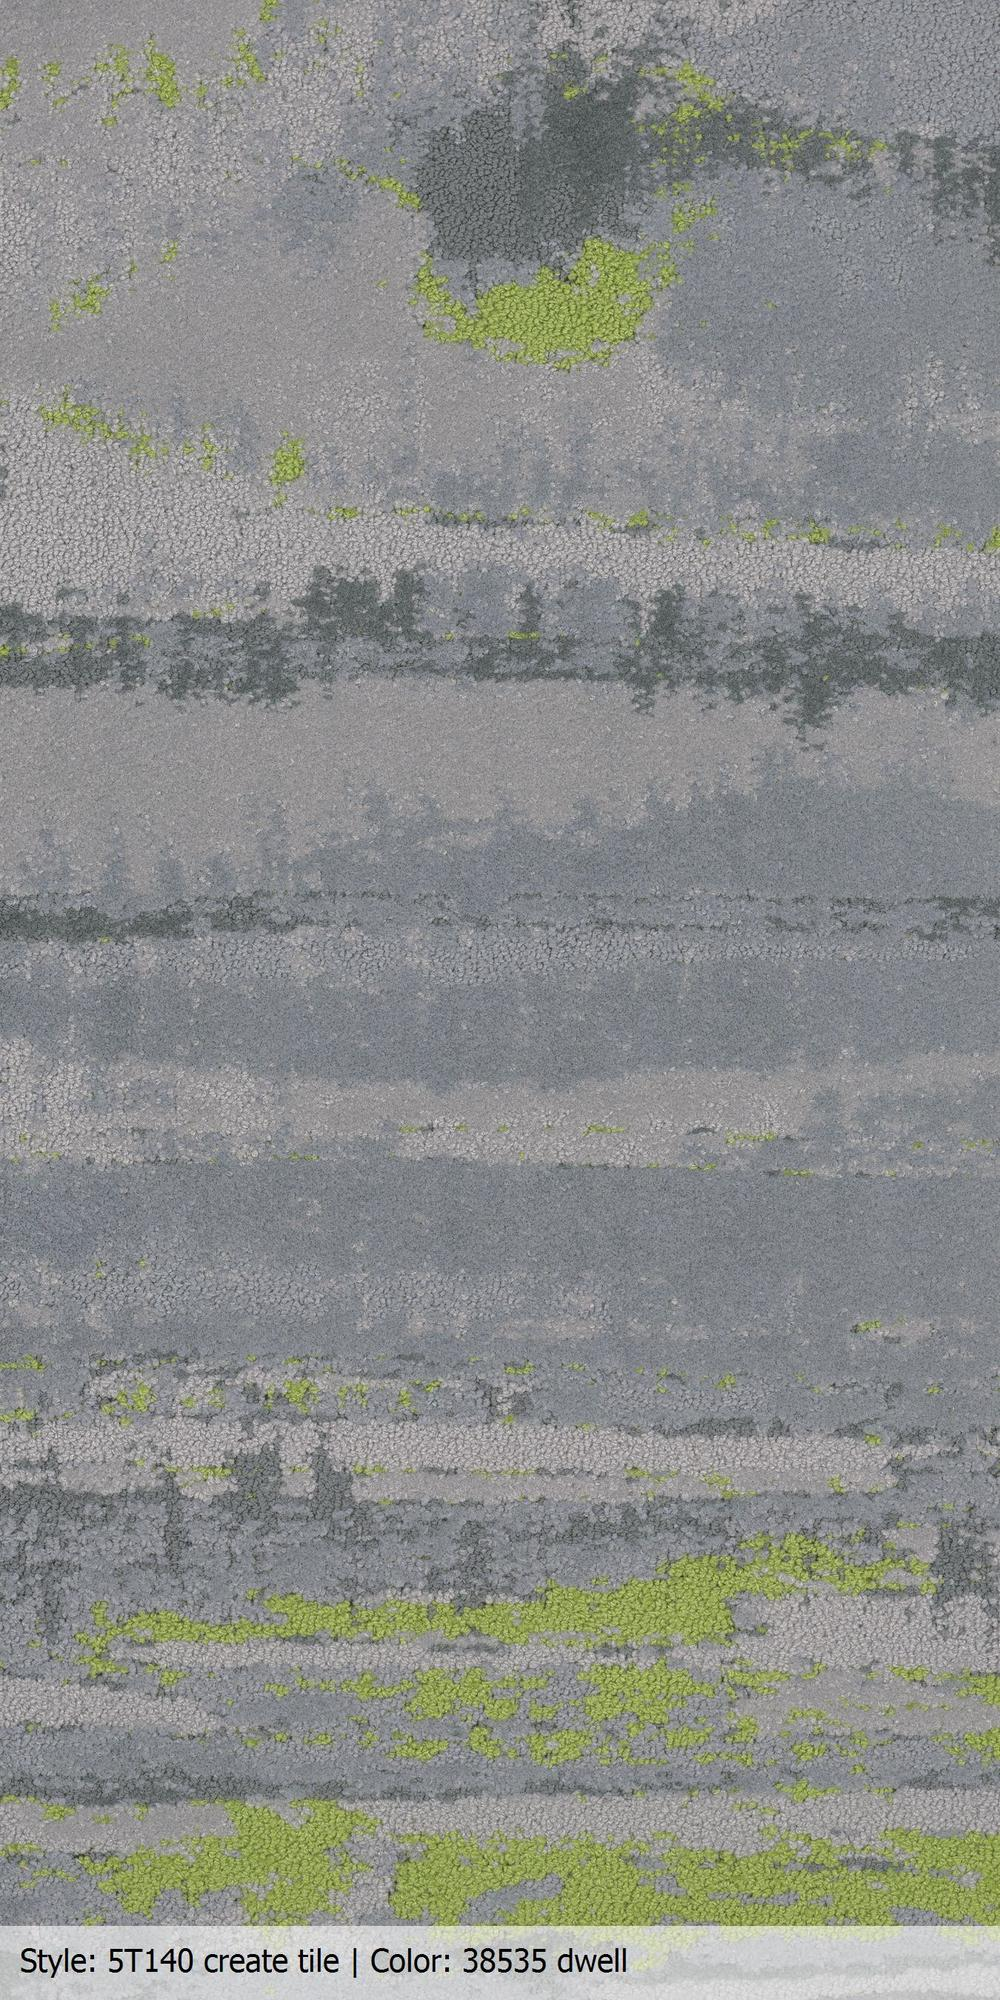 5T140_38535_MAIN.jpg